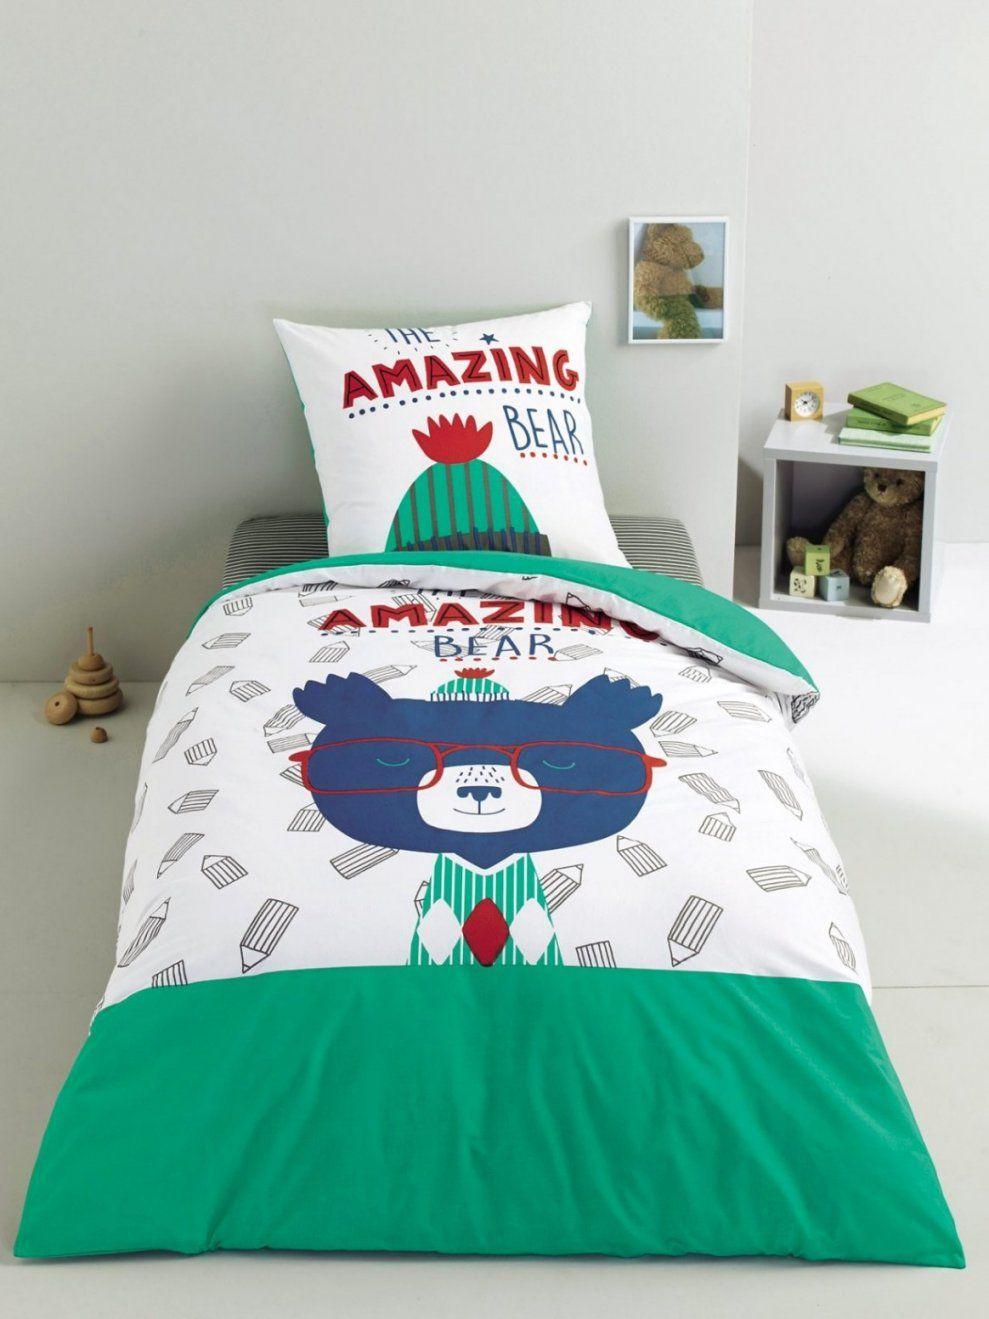 Elegant Bettwäsche In Vielen Designs Online Bestellen — Qvc Für von Kinderbettwäsche Bei Qvc Bild